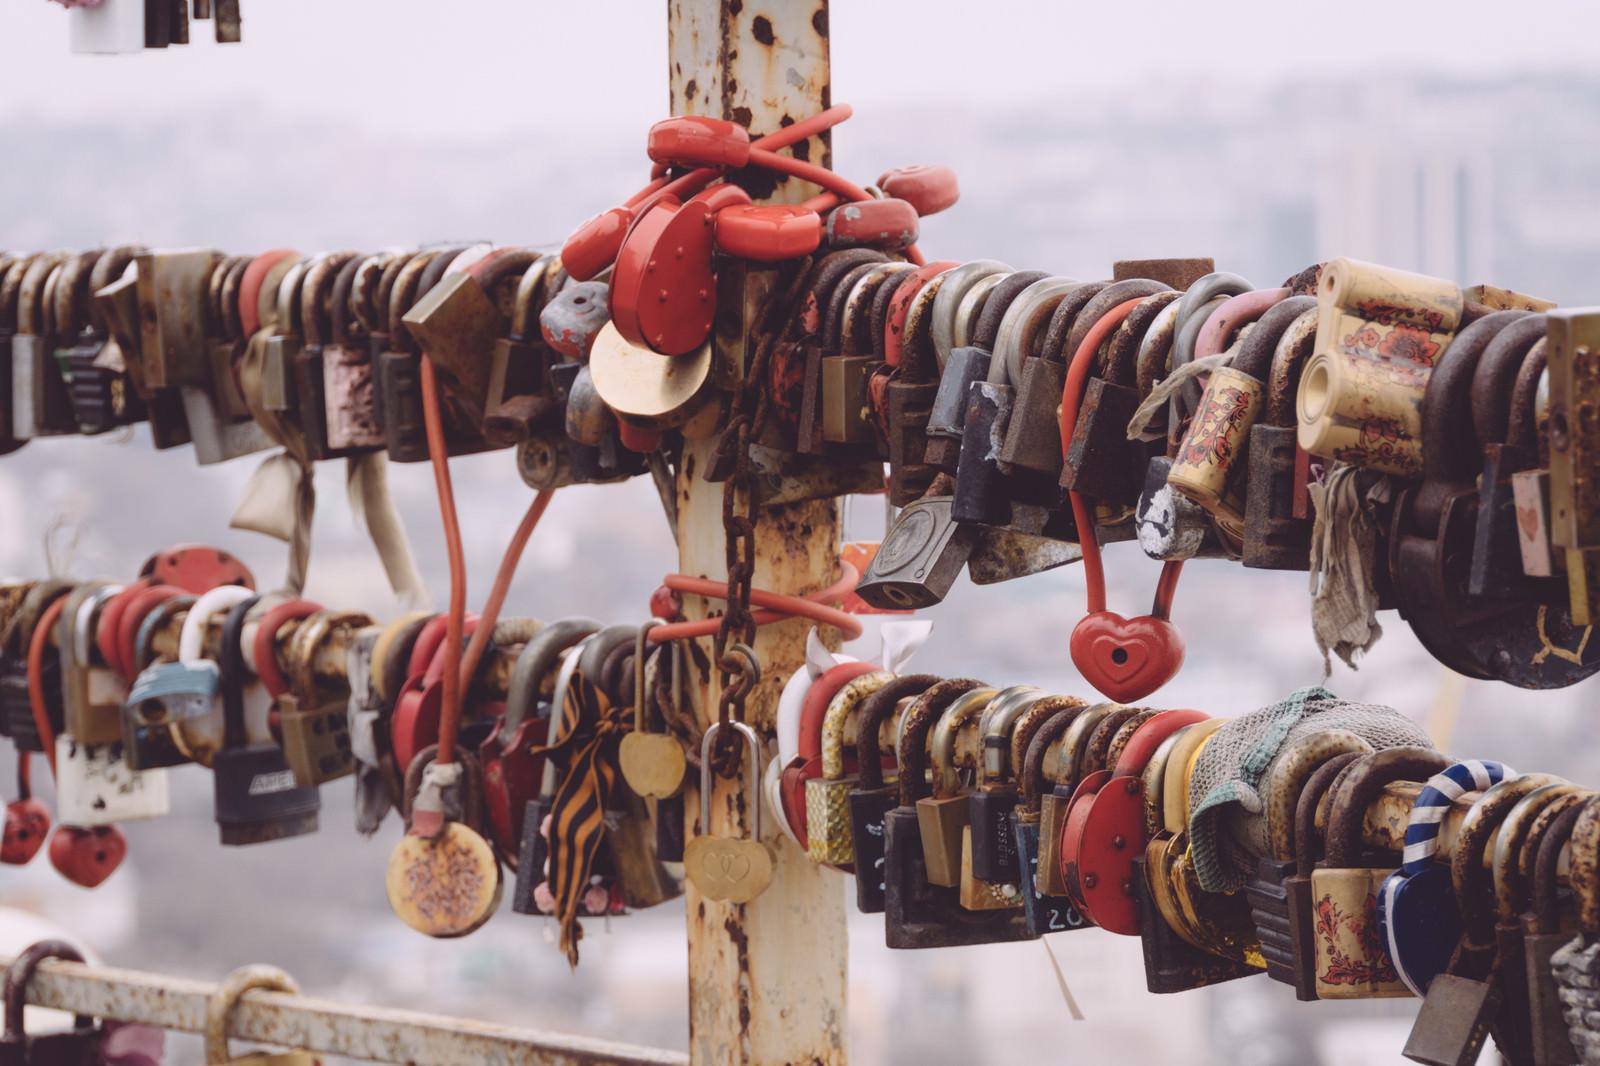 「手すりに大量の南京錠」の写真